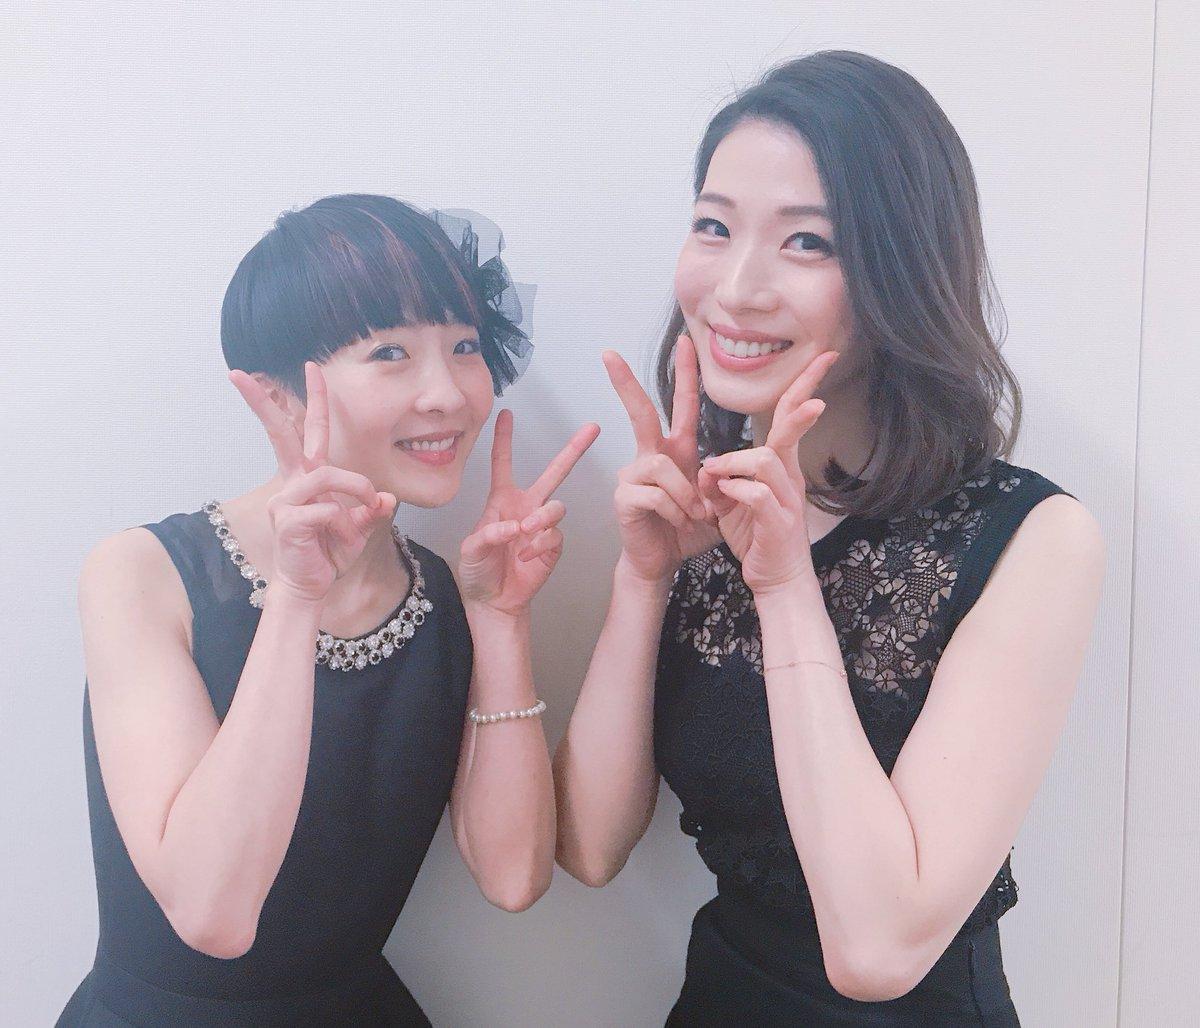 昨日の収録はこちらでした! 「グリーン&ブラックス」 〝明日への階段〟 井上芳雄さんのコーラスを 真